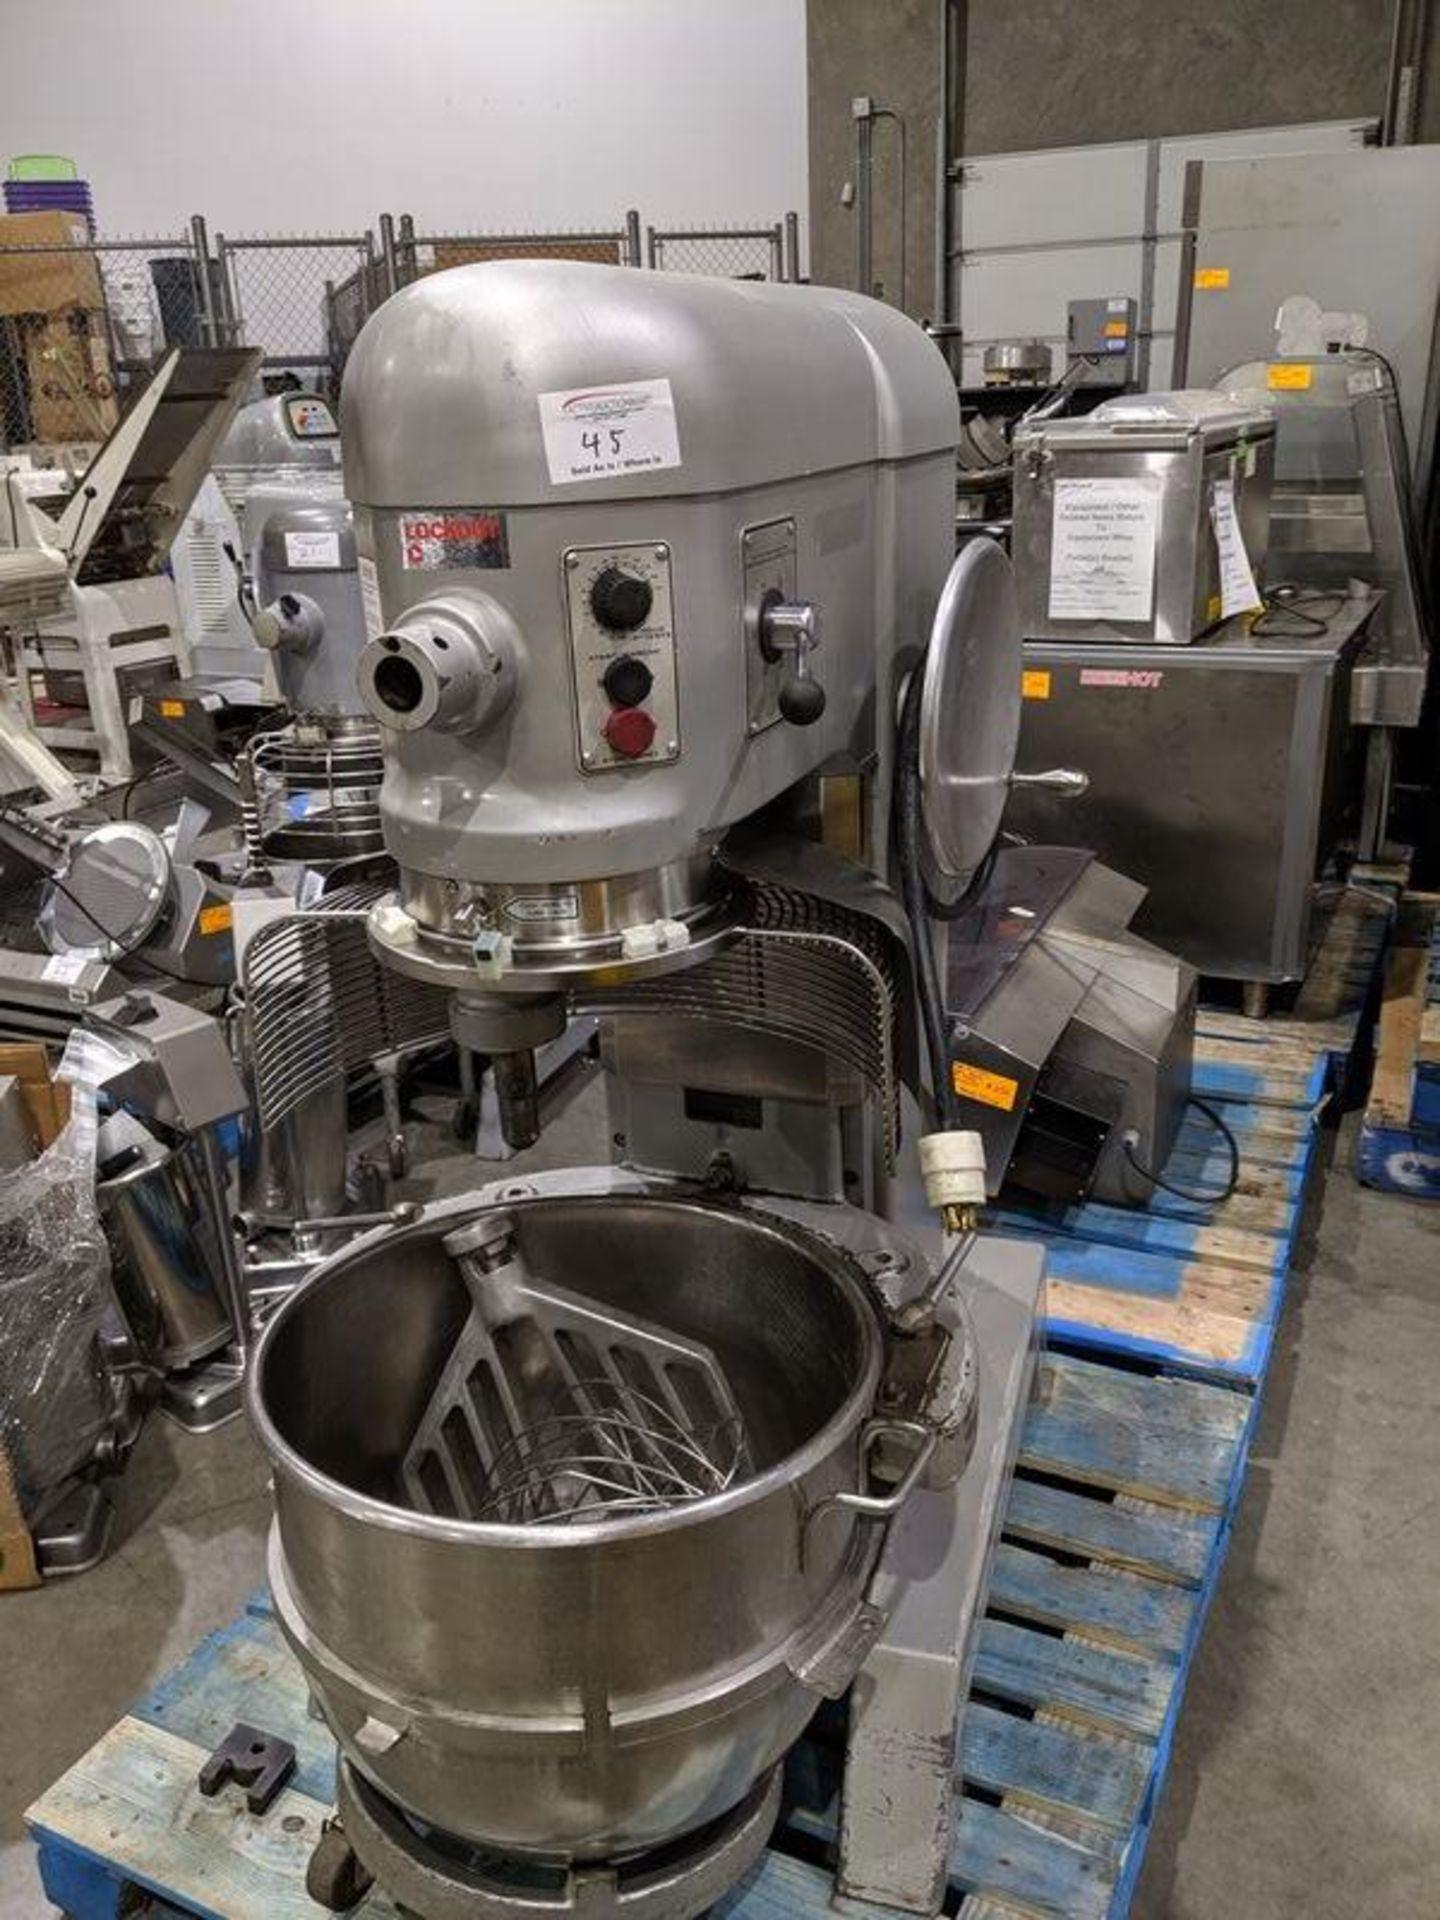 Lot 45 - Hobart Model L800 - 80 Quart Mixer